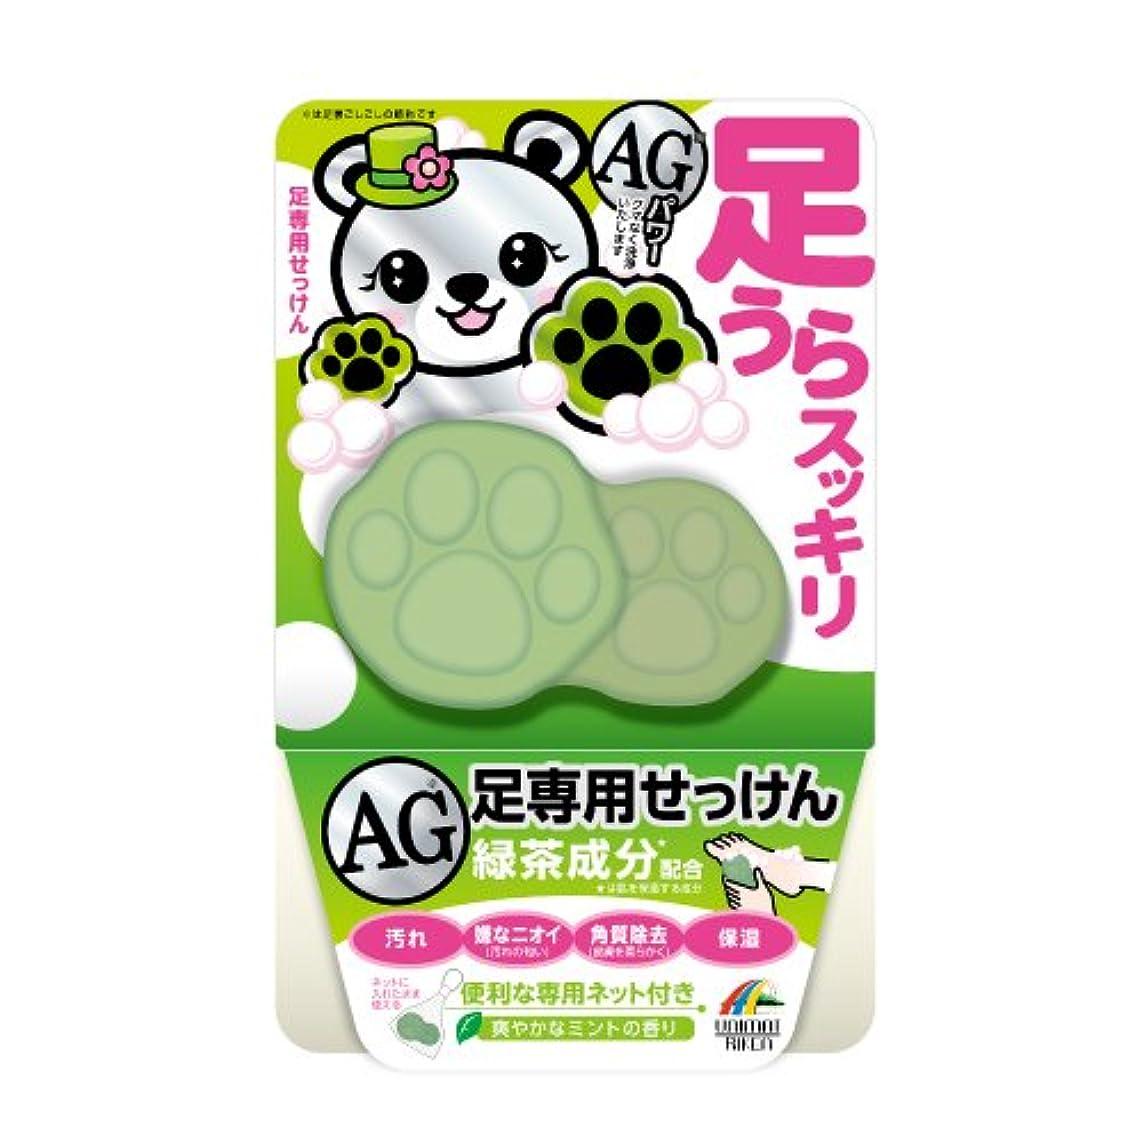 簡単なアプローチ聞くユニマットリケン 足裏スッキリAG石鹸(緑茶成分配合) 70g